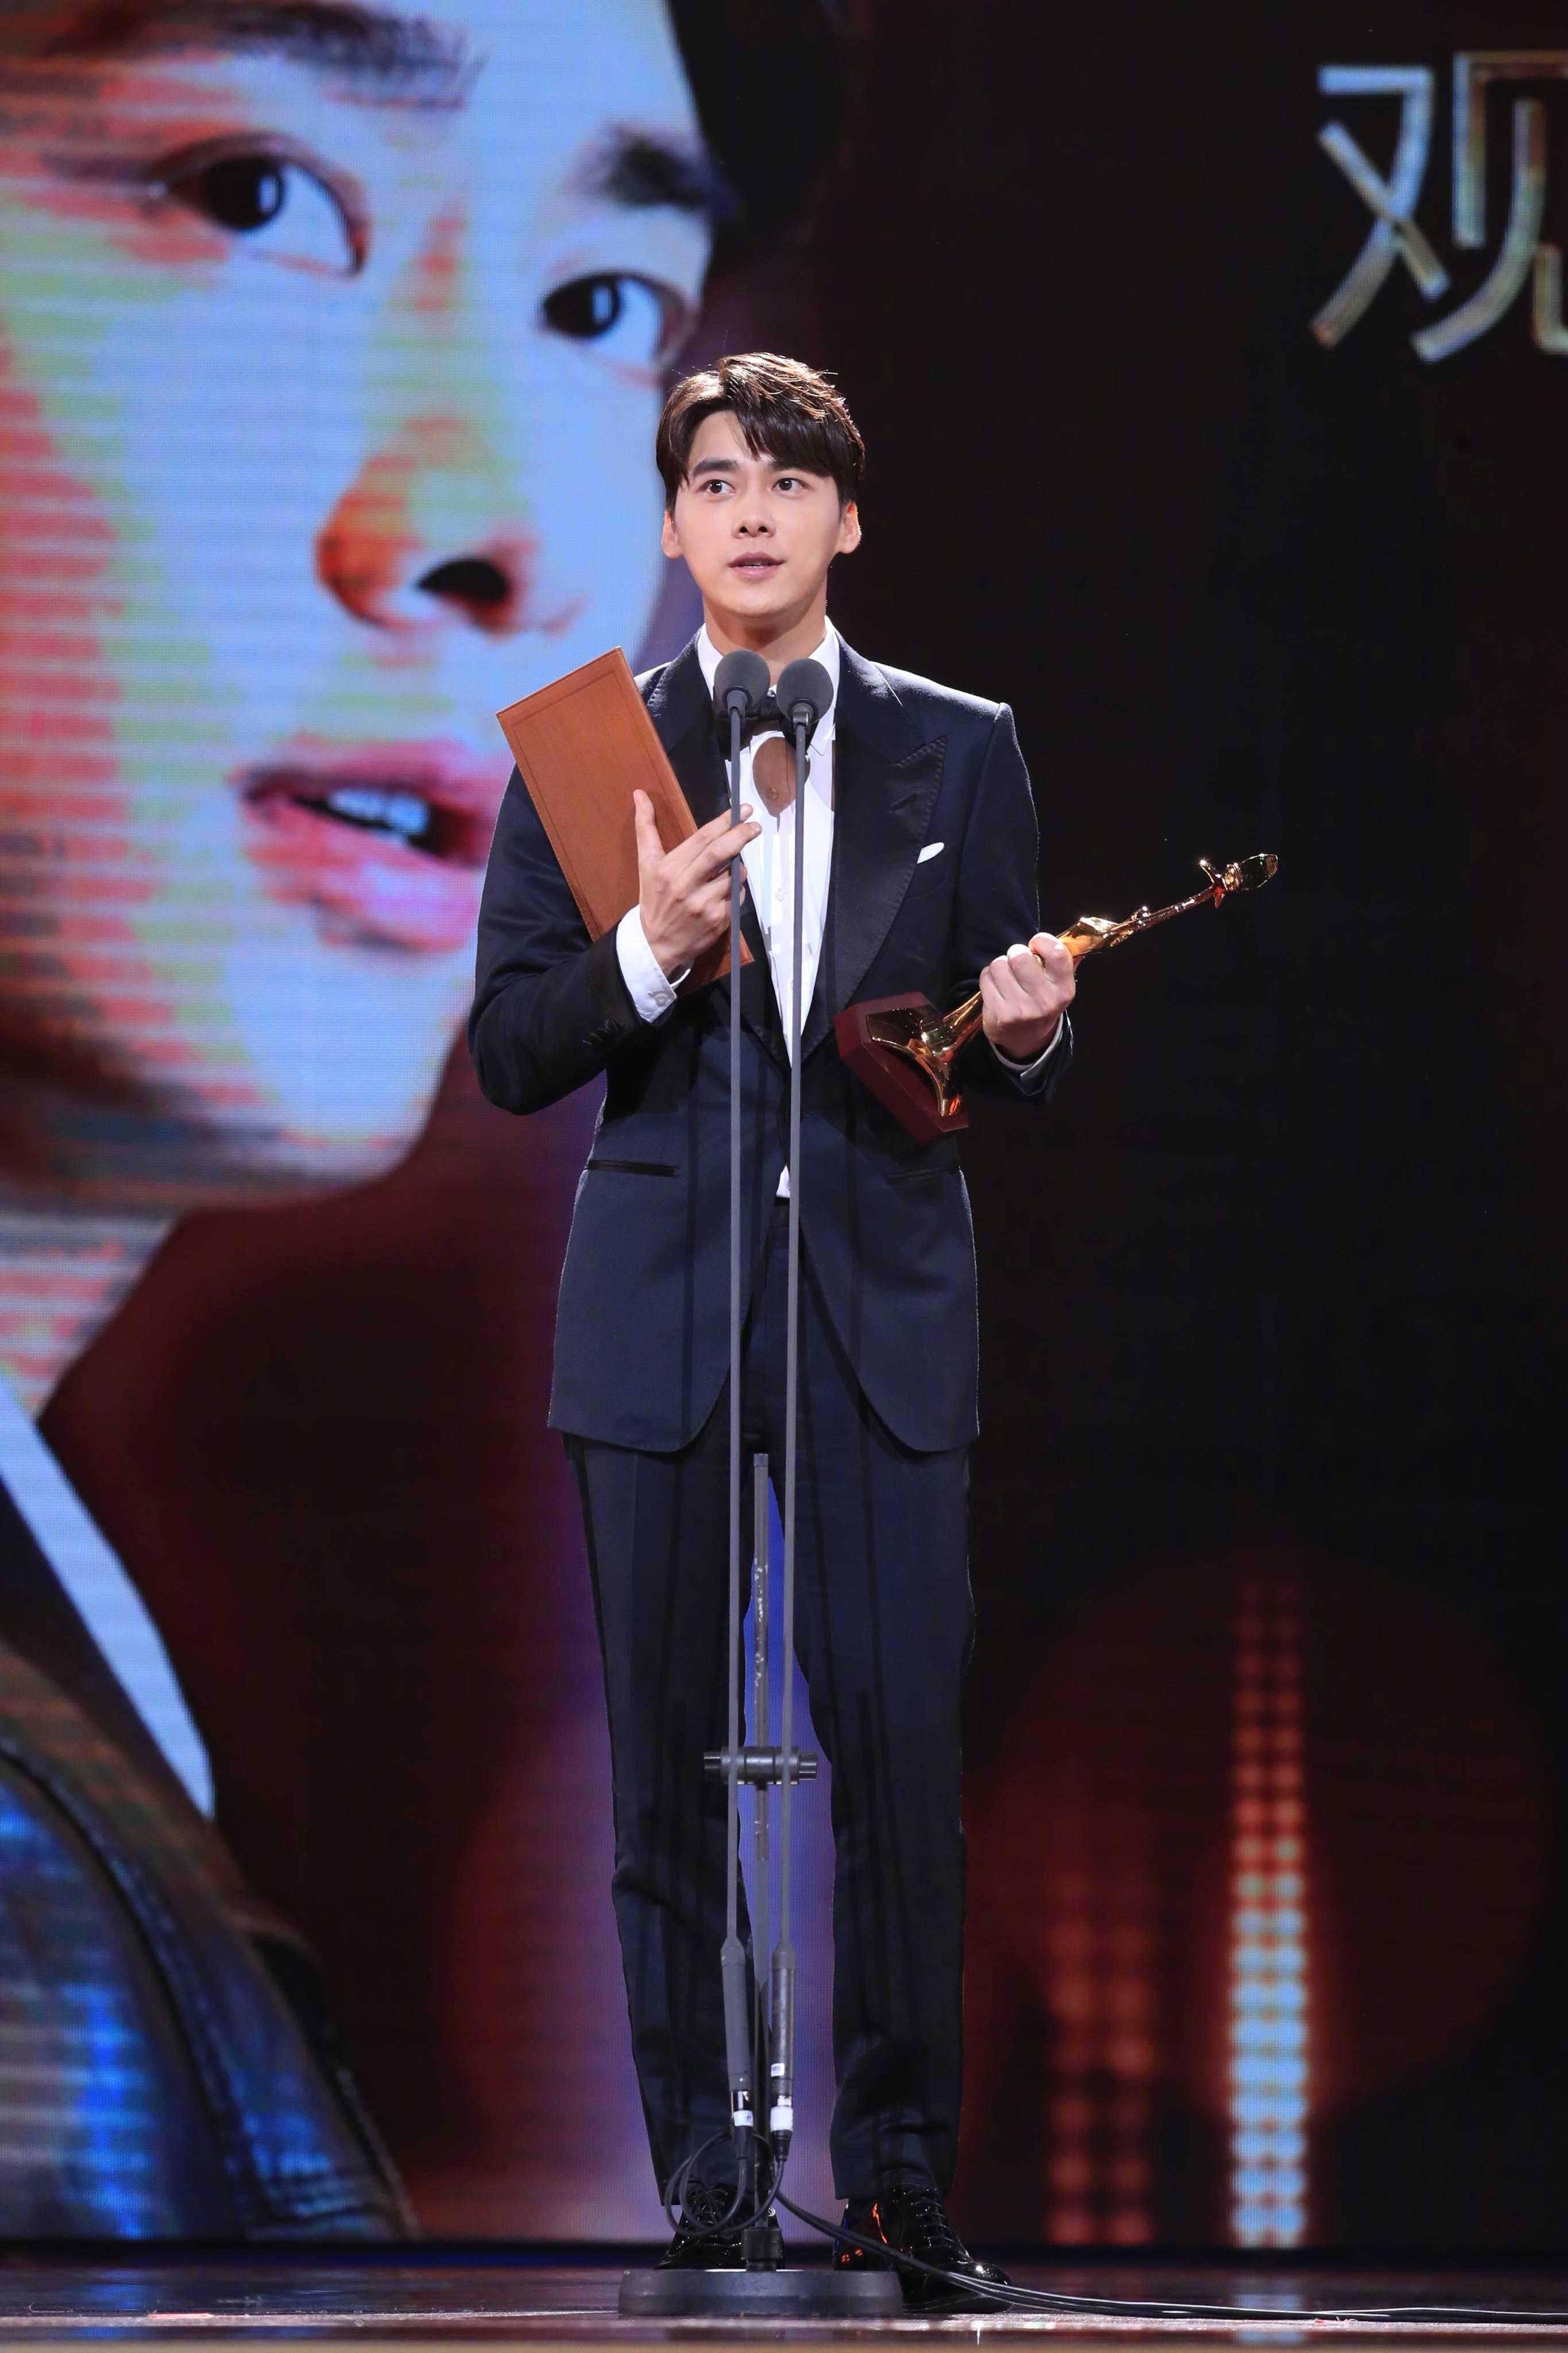 十月男明星榜 | 周润发引领港片强势回归,邓超成就角色为艺术献身